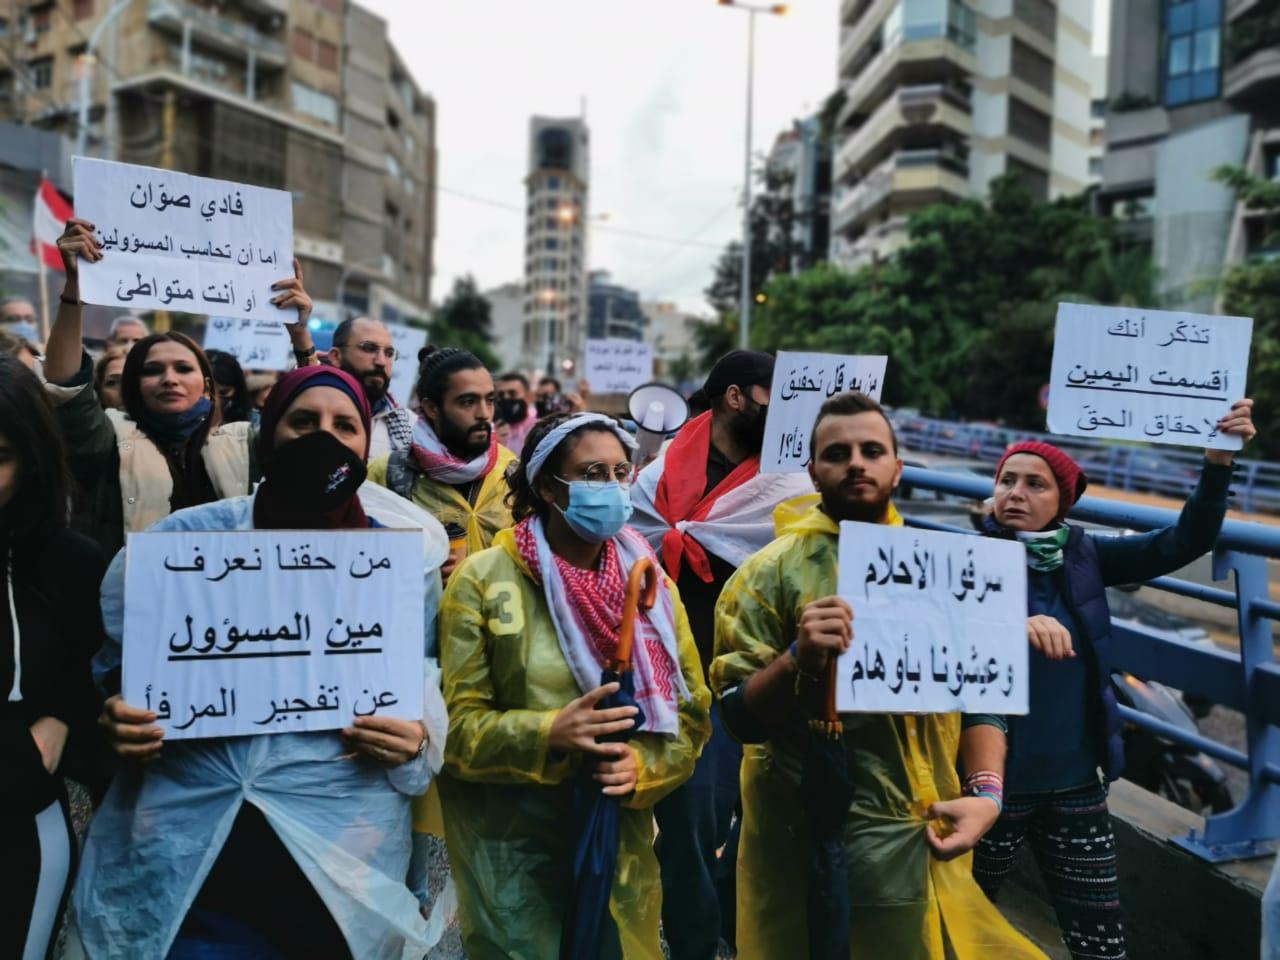 """عائلات ضحايا مجزرة 4 آب مدعومون بانتفاضة 17 تشرين: """"فادي صّوان إذا مش قدّها تنحّى"""""""